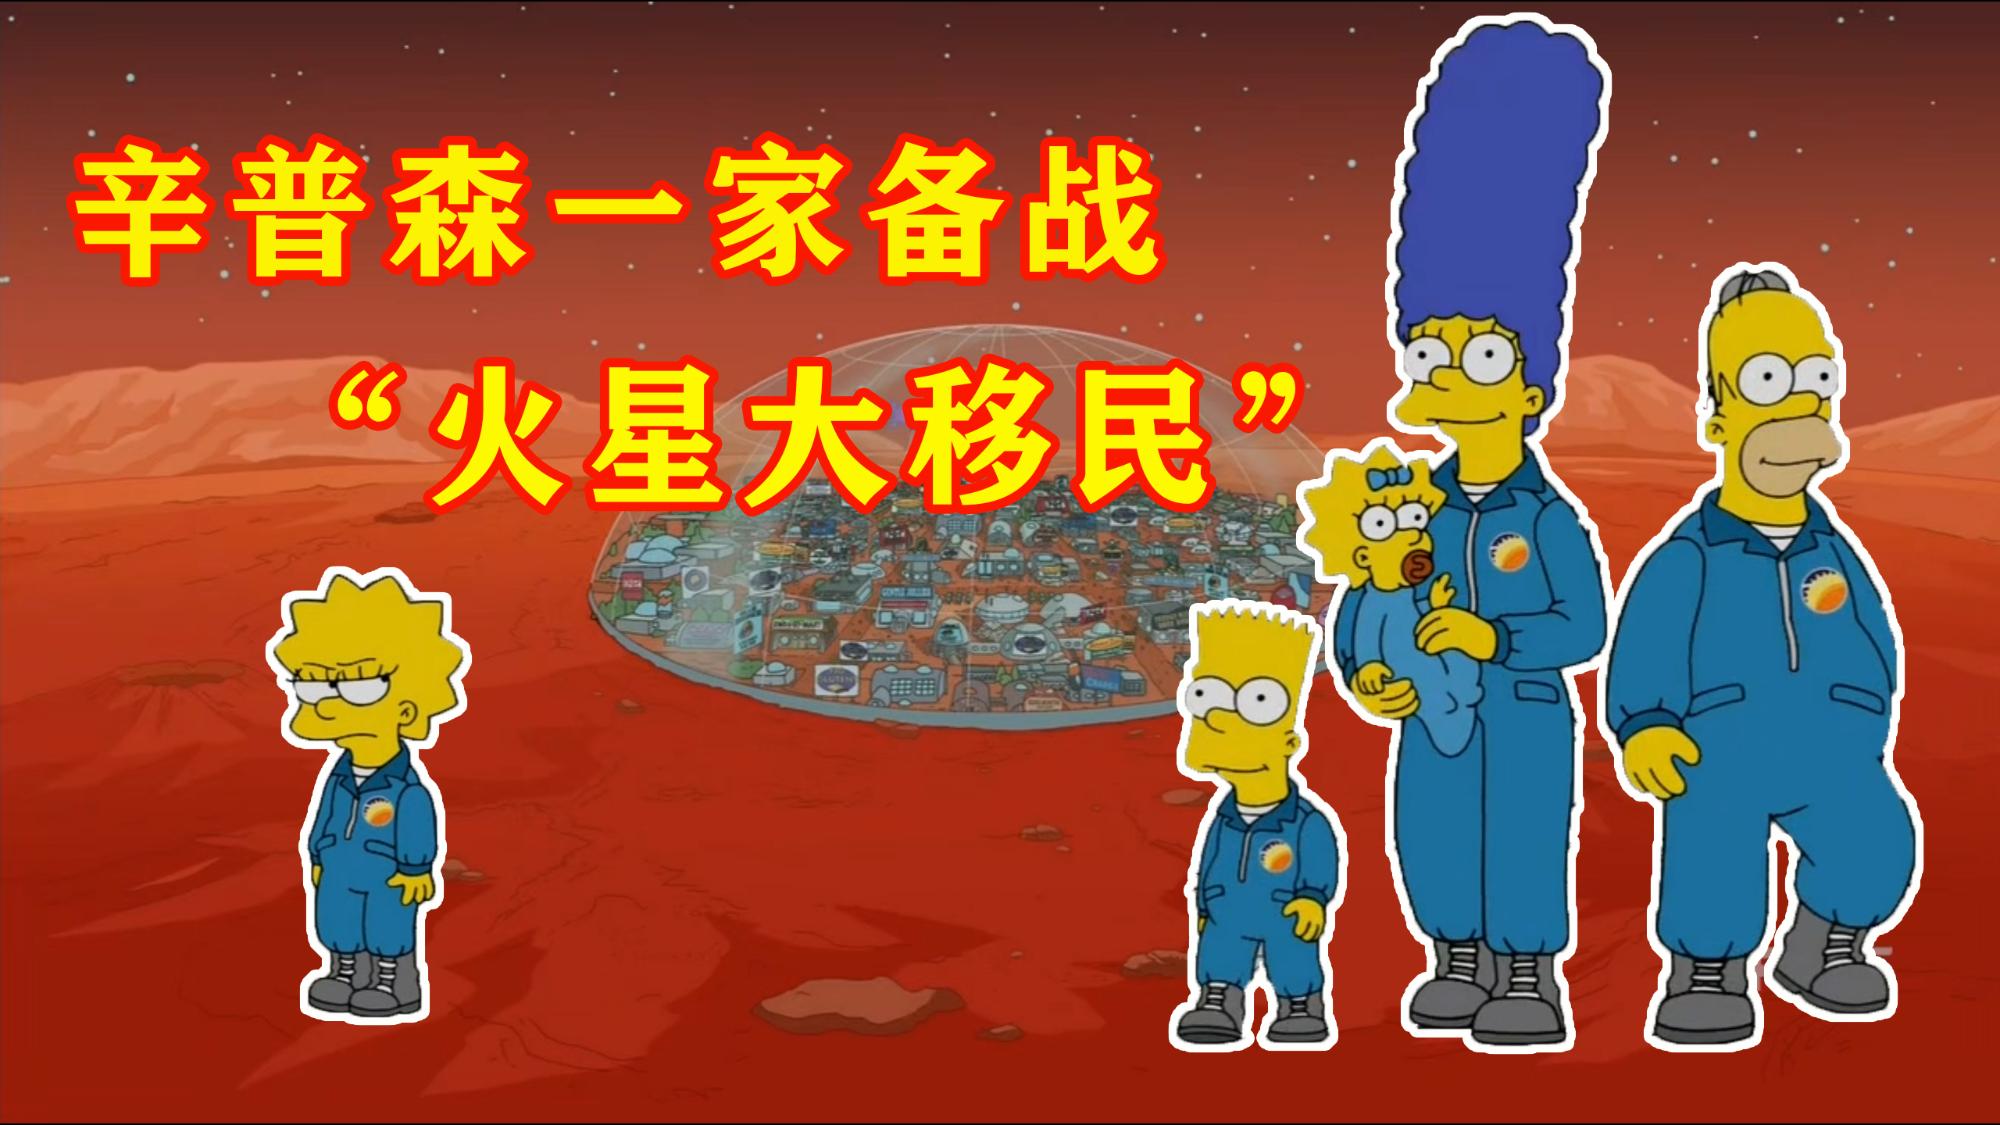 """【毛豆】全家备战""""火星大移民"""",男人全被淘汰!《辛普森一家》"""